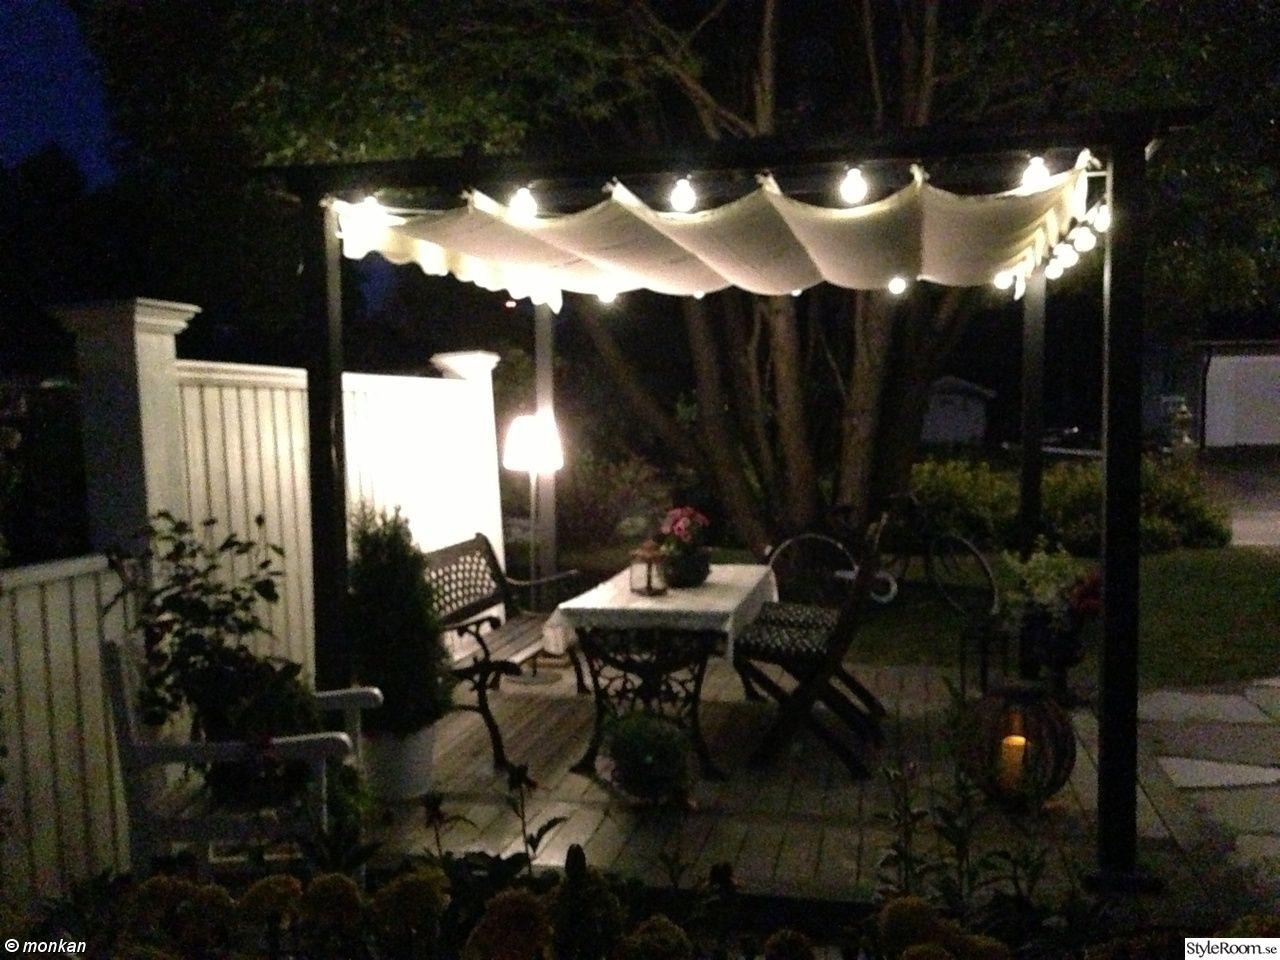 pergola,ledbelysning,belysning,trädgård,uteplats | uteplats ...